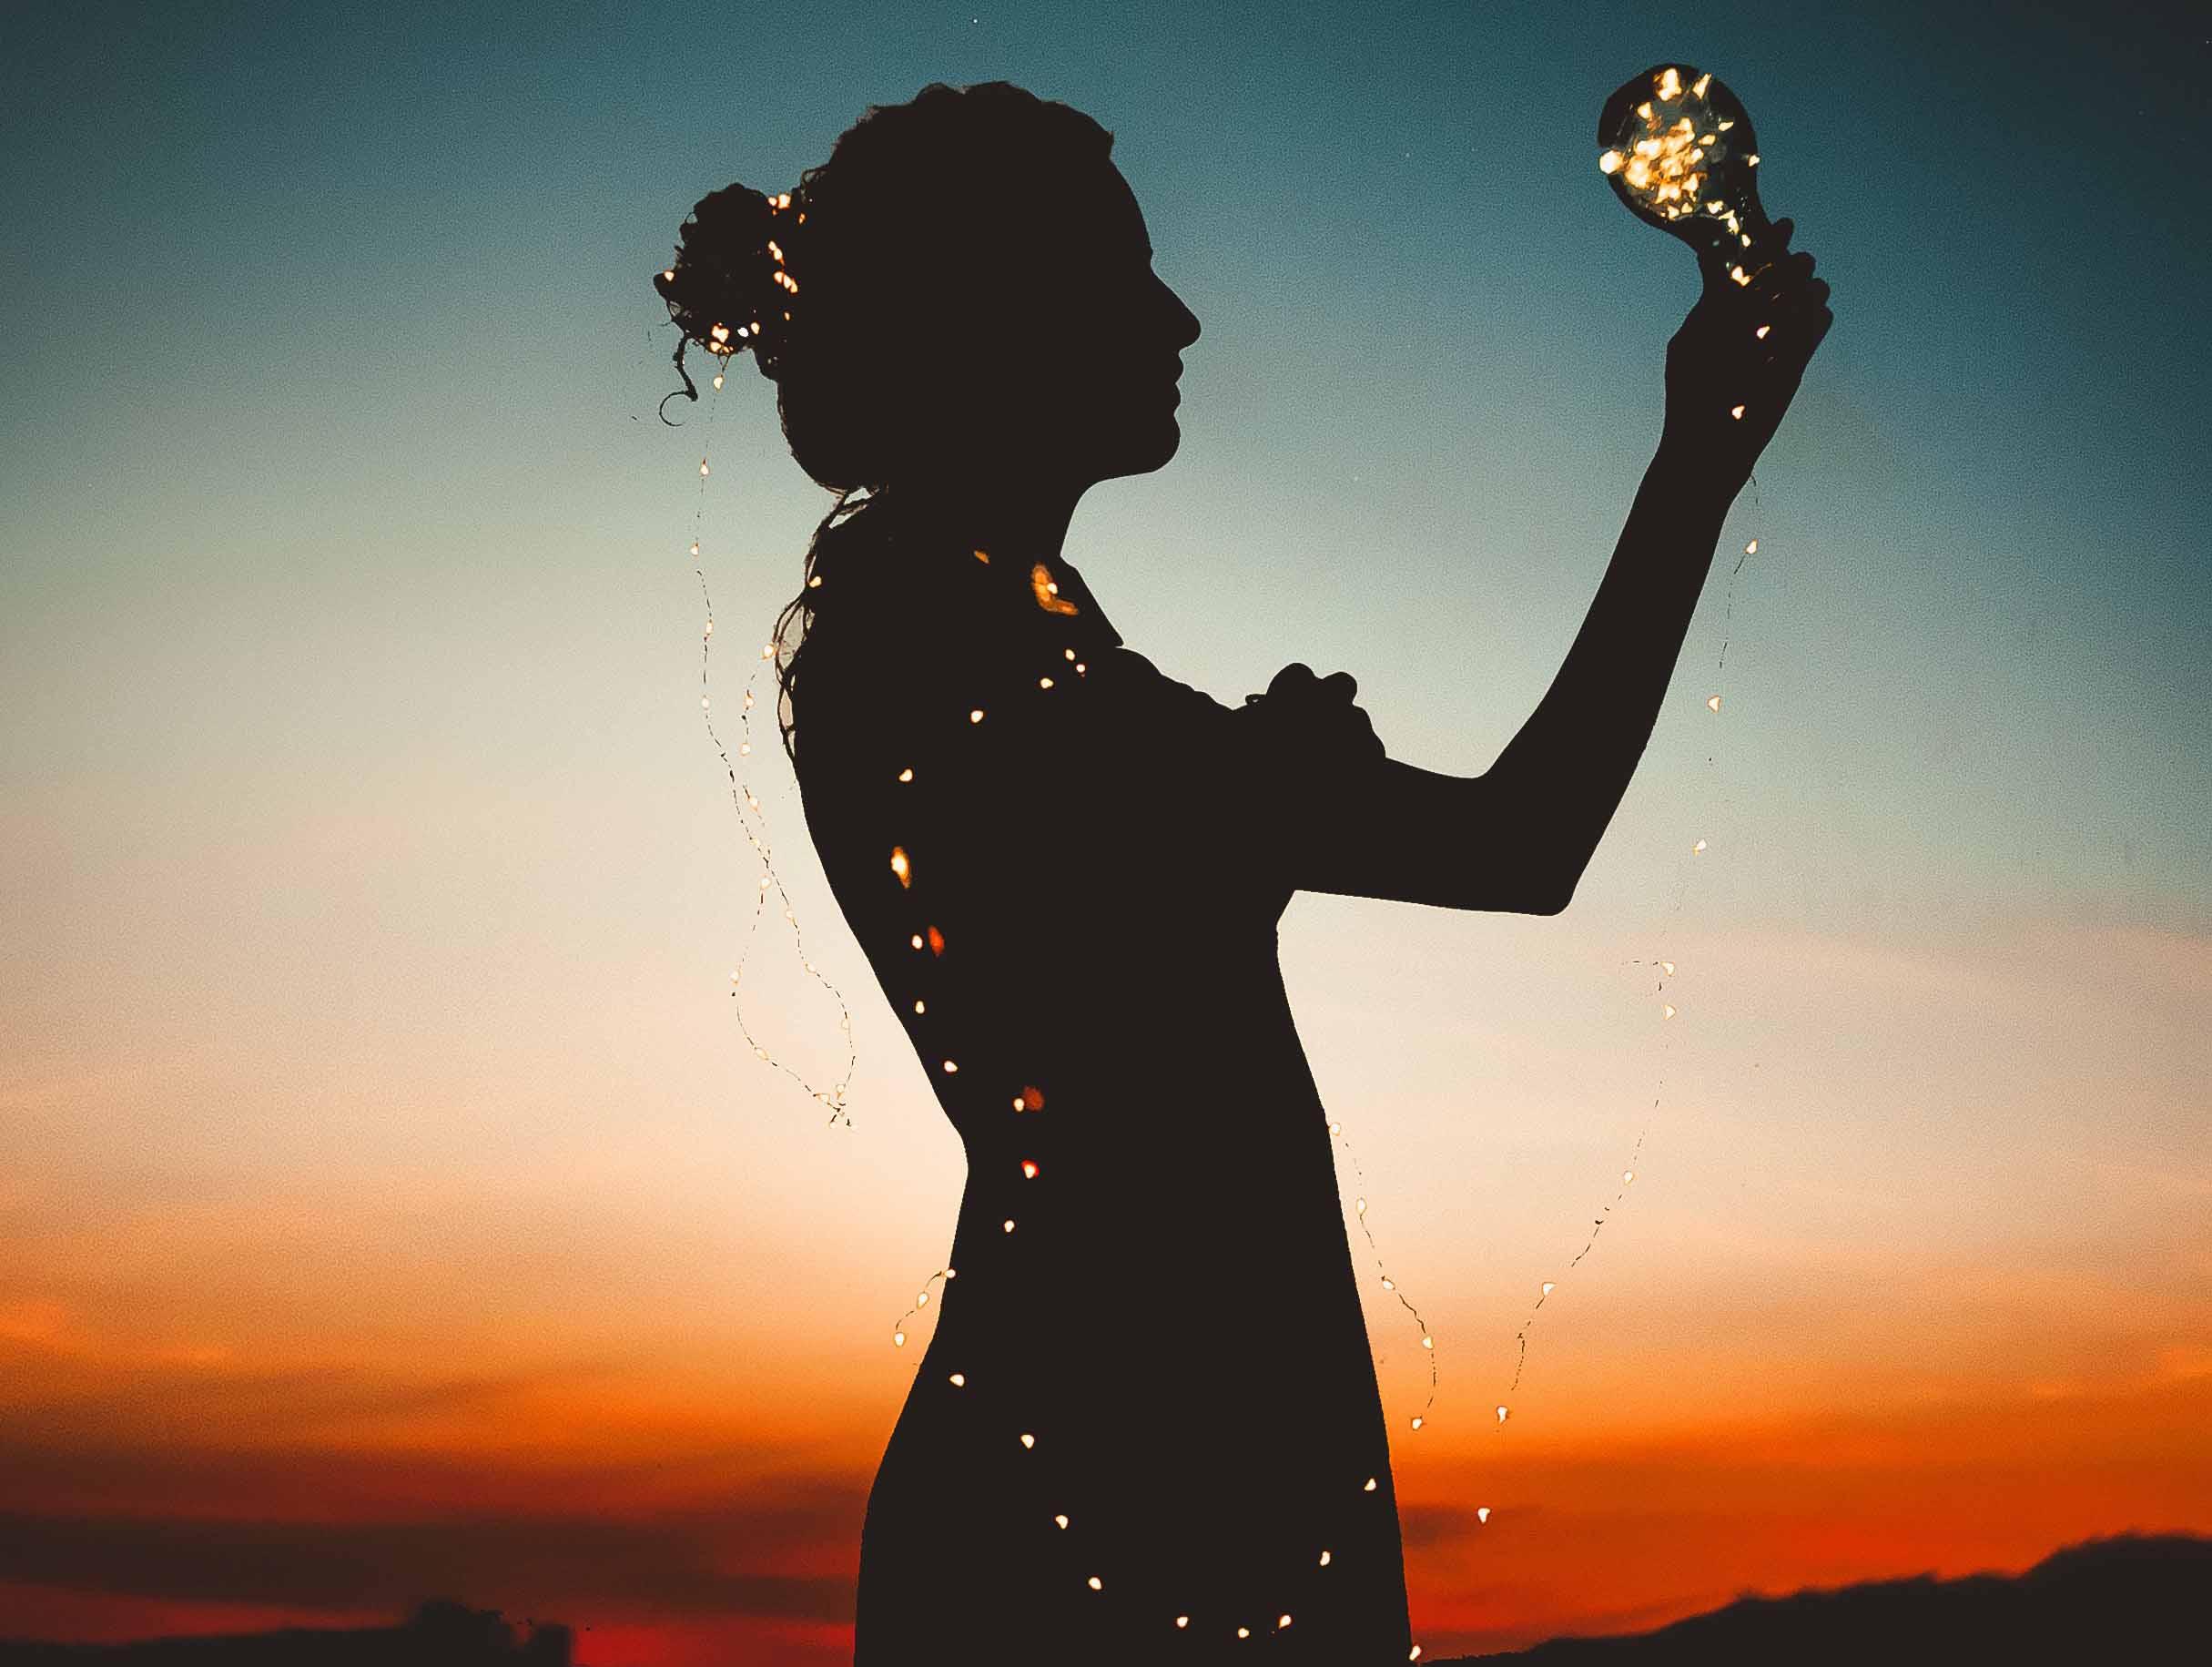 De bodyscan voor het leren herkennen van spanning en emoties